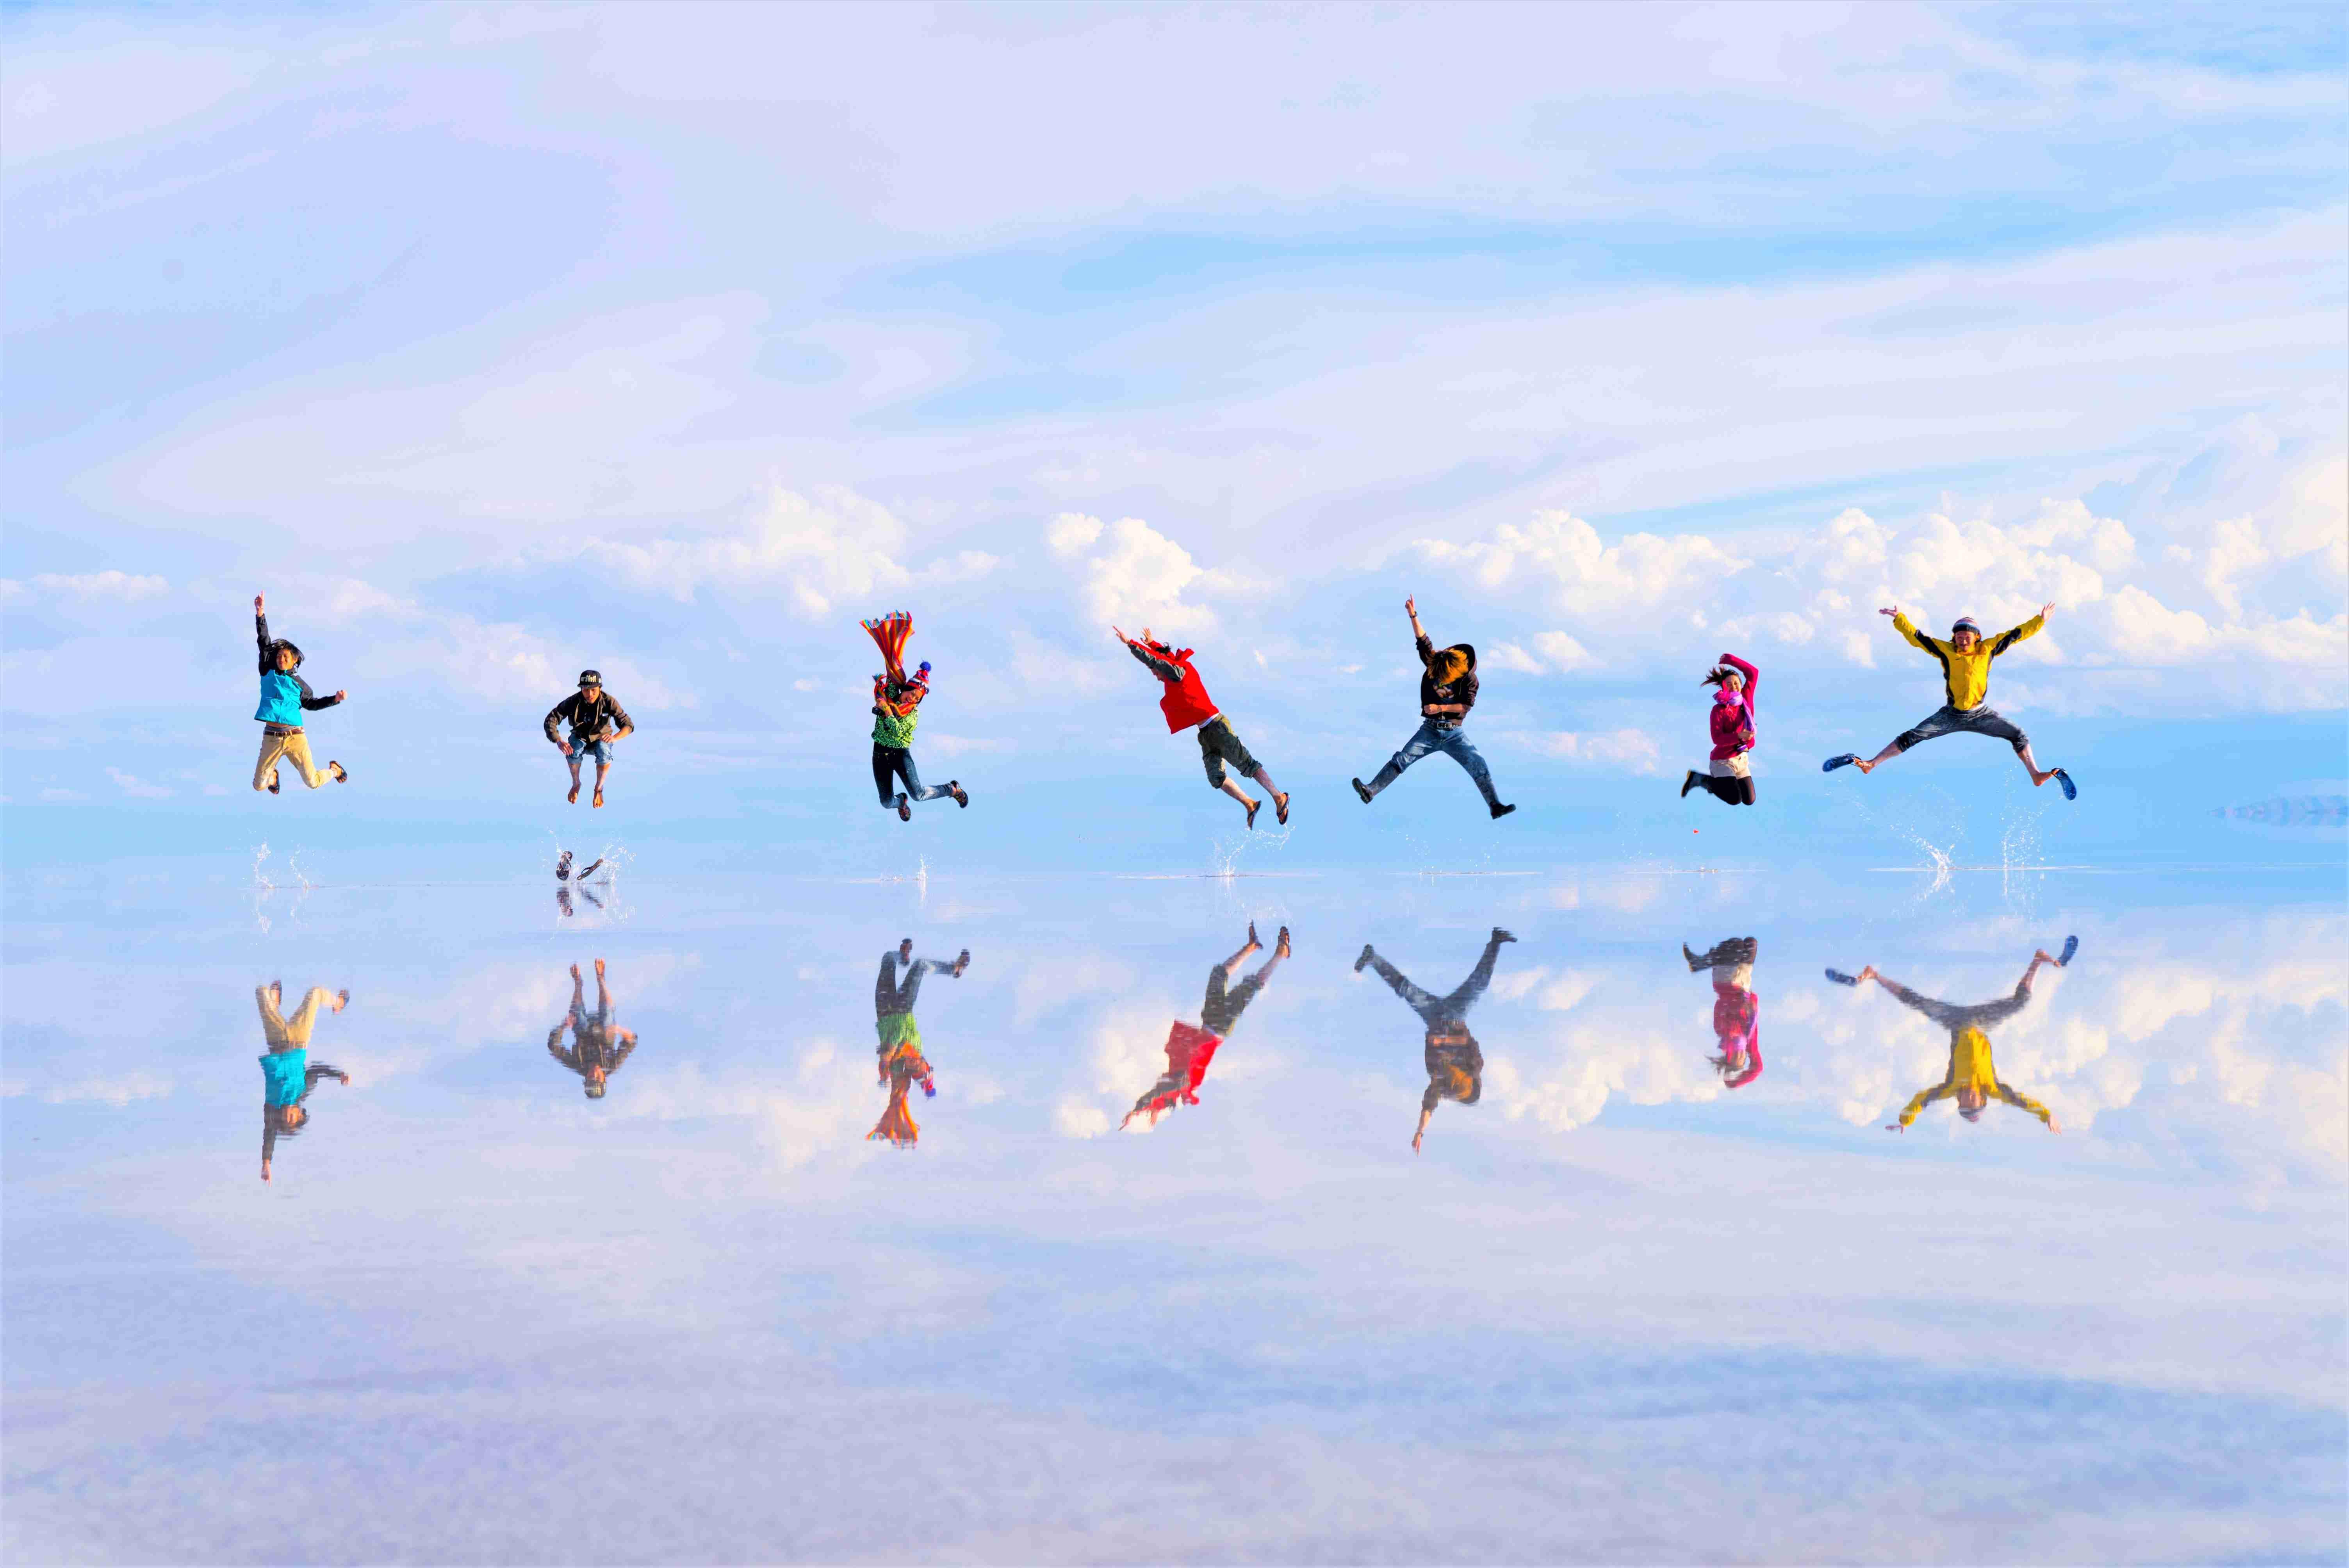 一度でいいから見てみたい!世界の絶景 一面鏡張りの『ウユニ塩湖』女子一人旅♩